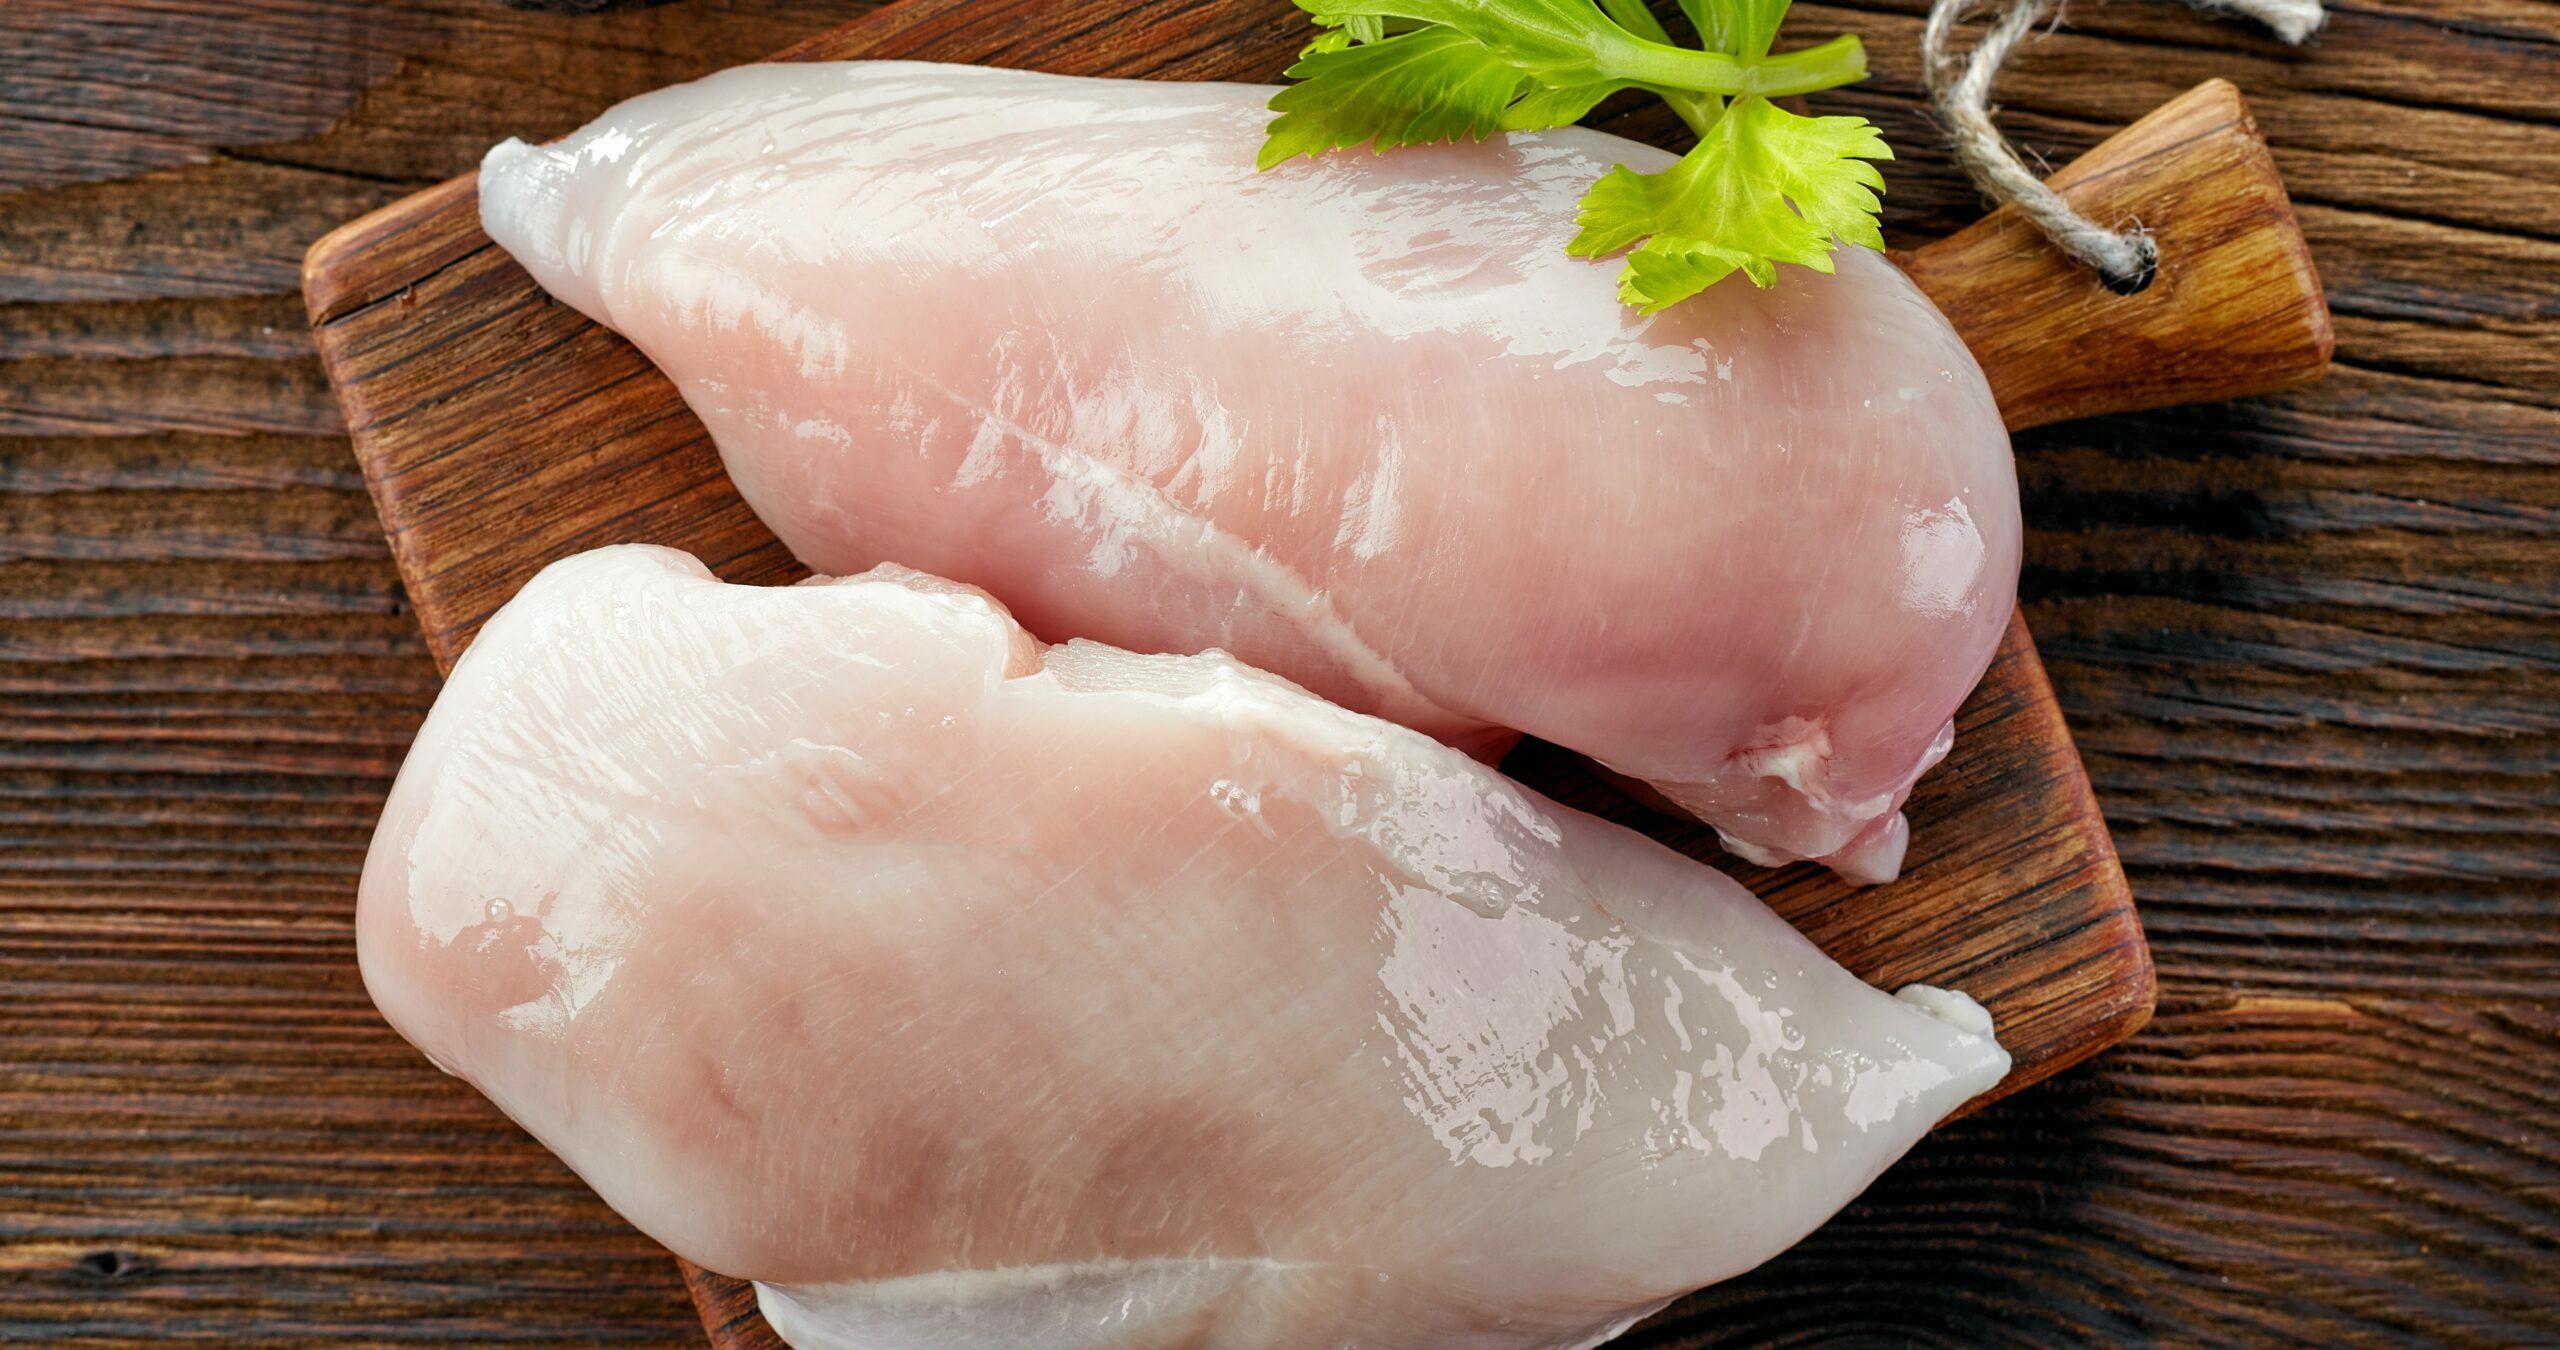 blanc-de-poulet-e1491989472678-8537541